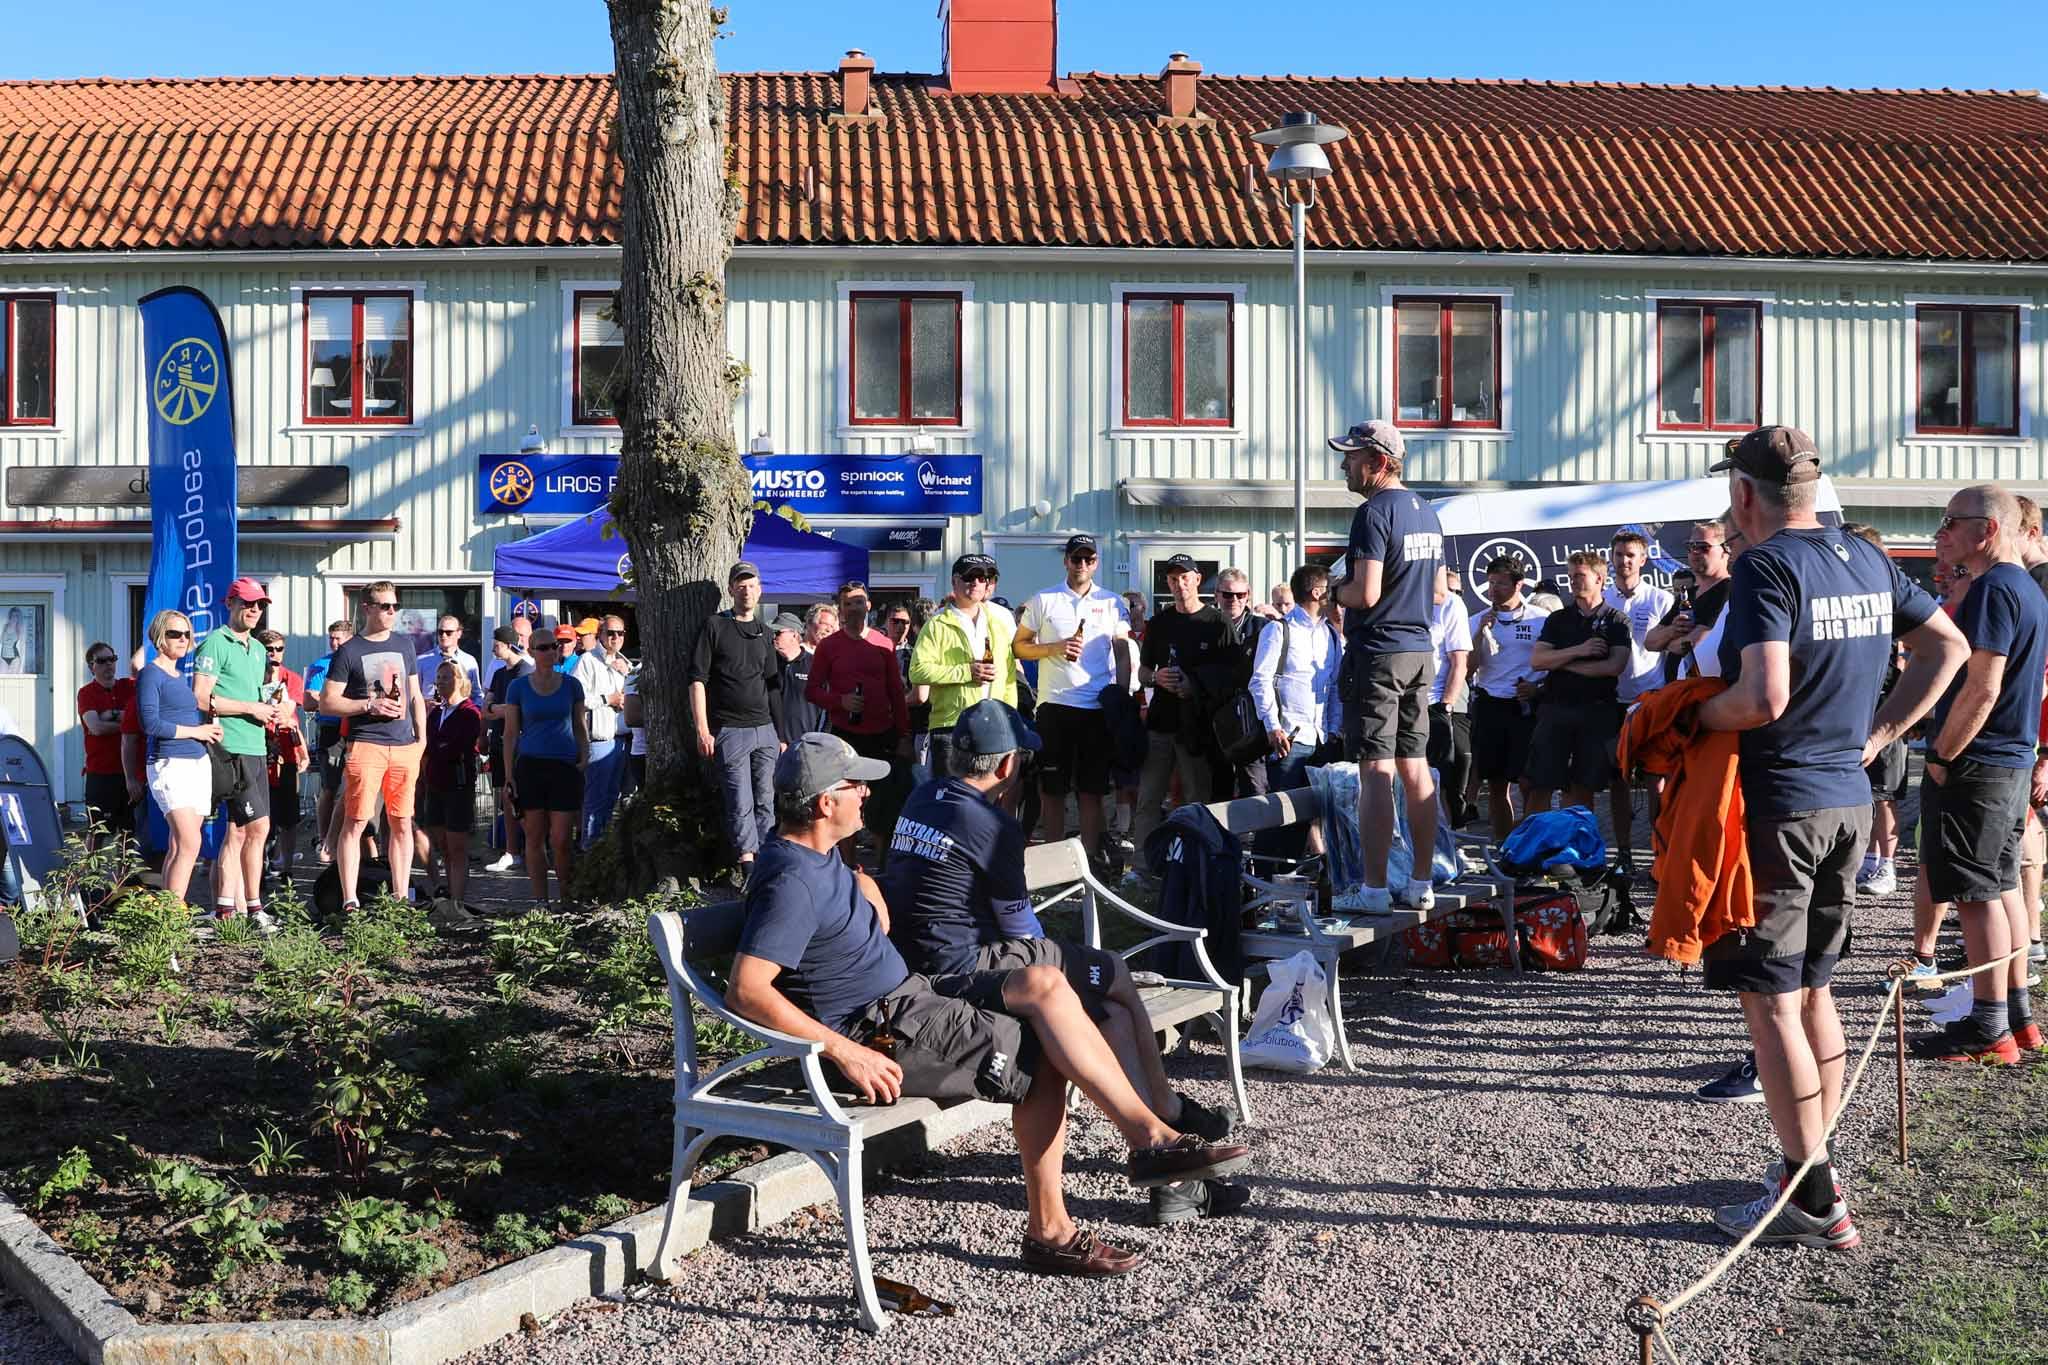 Sveriges bästa sommarjobb?